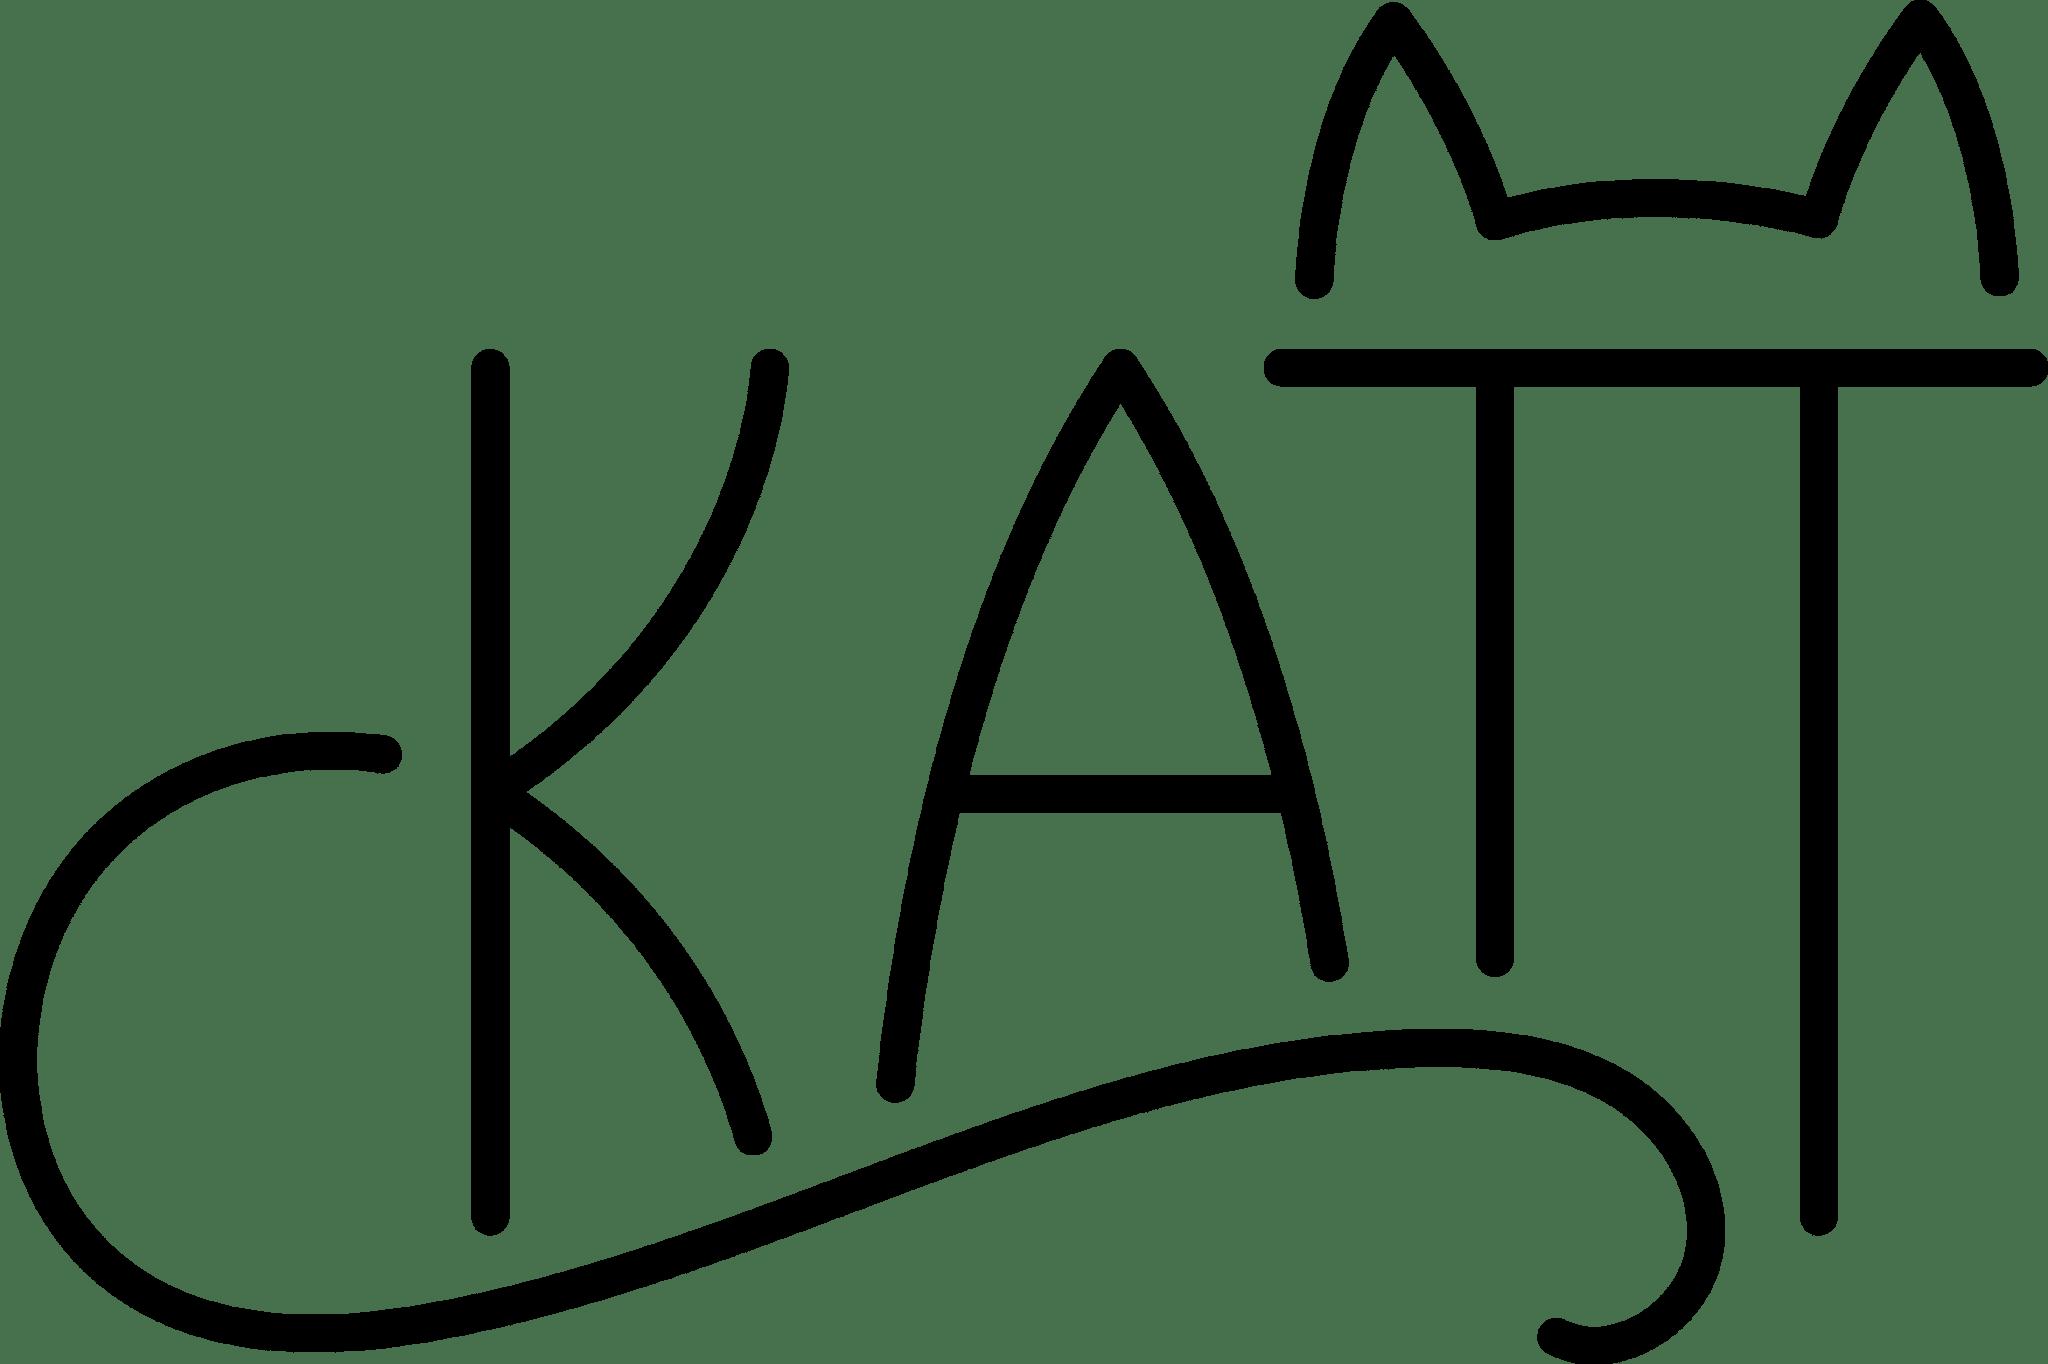 Logo-katt